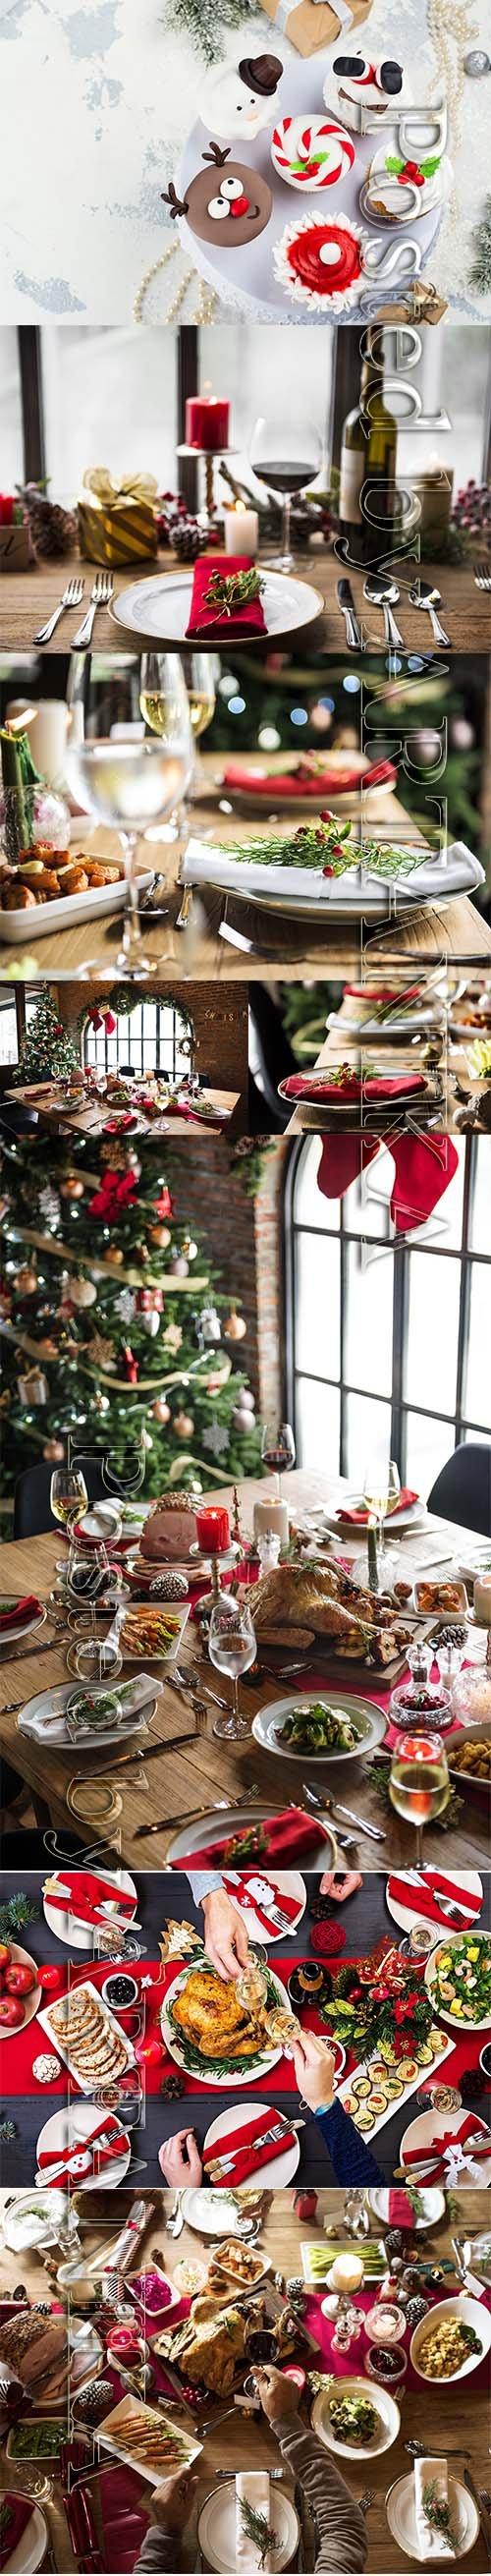 Christmas Family Dinner Stock Images